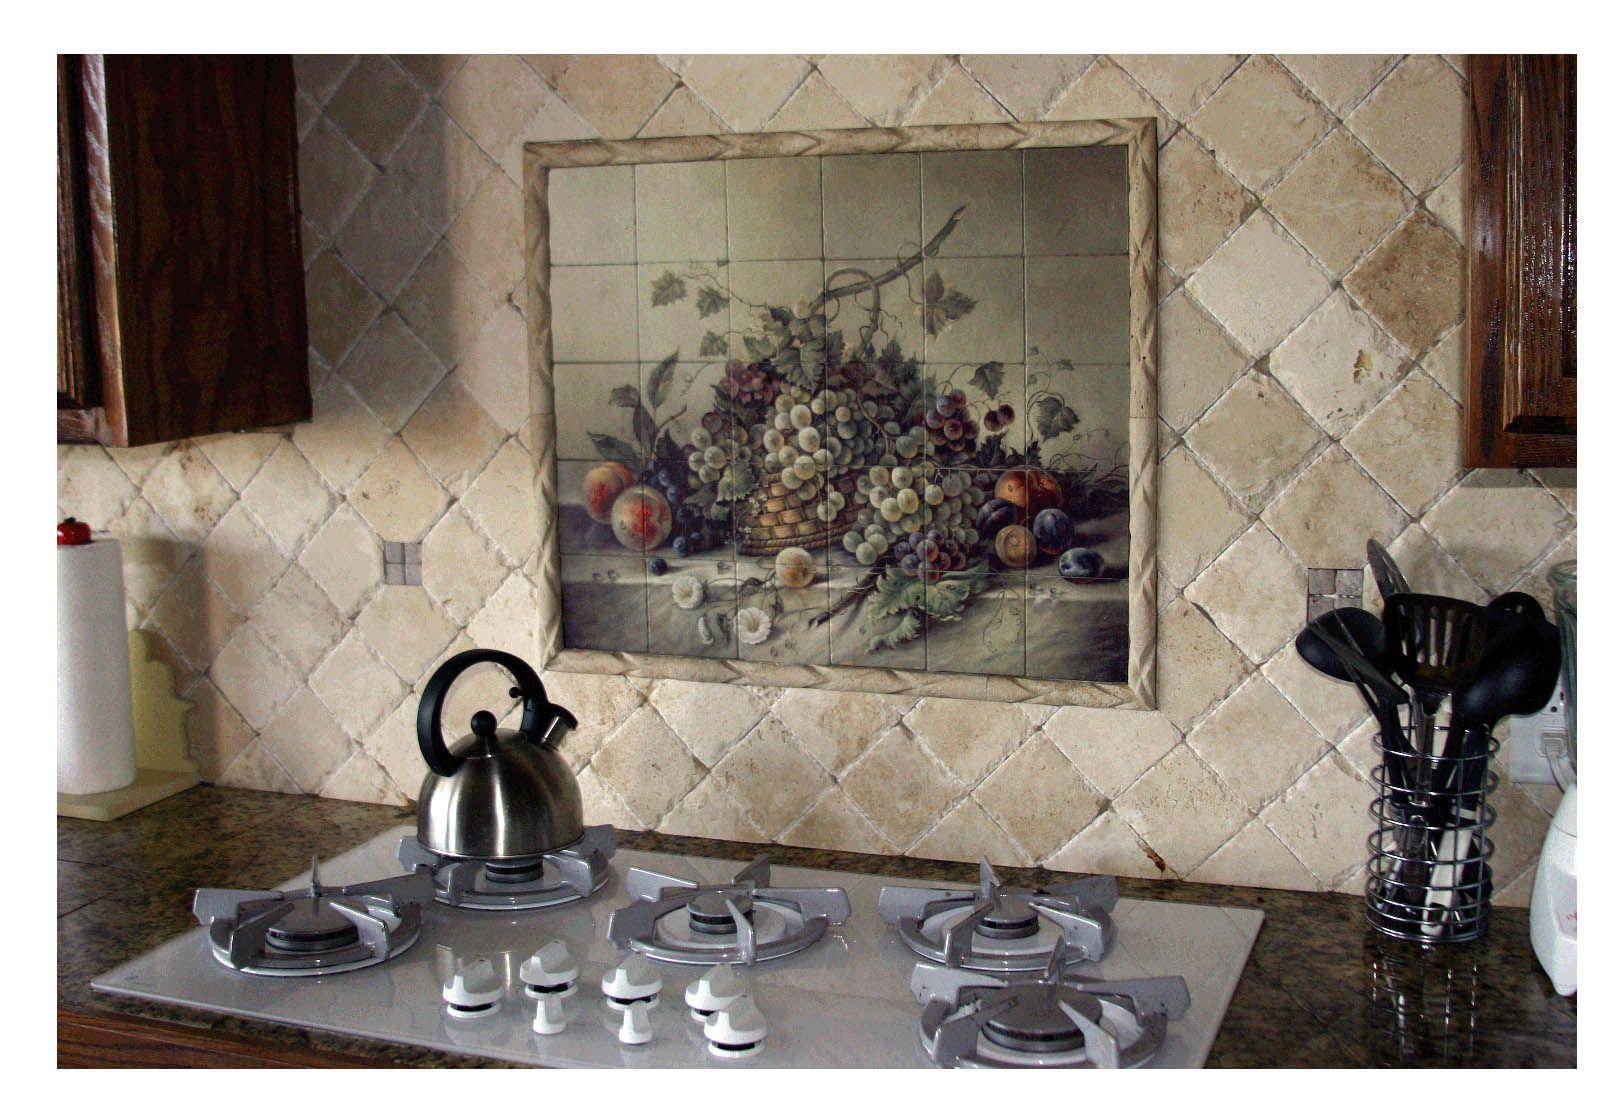 Best Images About KITCHEN Mural Ideas On Pinterest Kitchen - Kitchen backsplash design